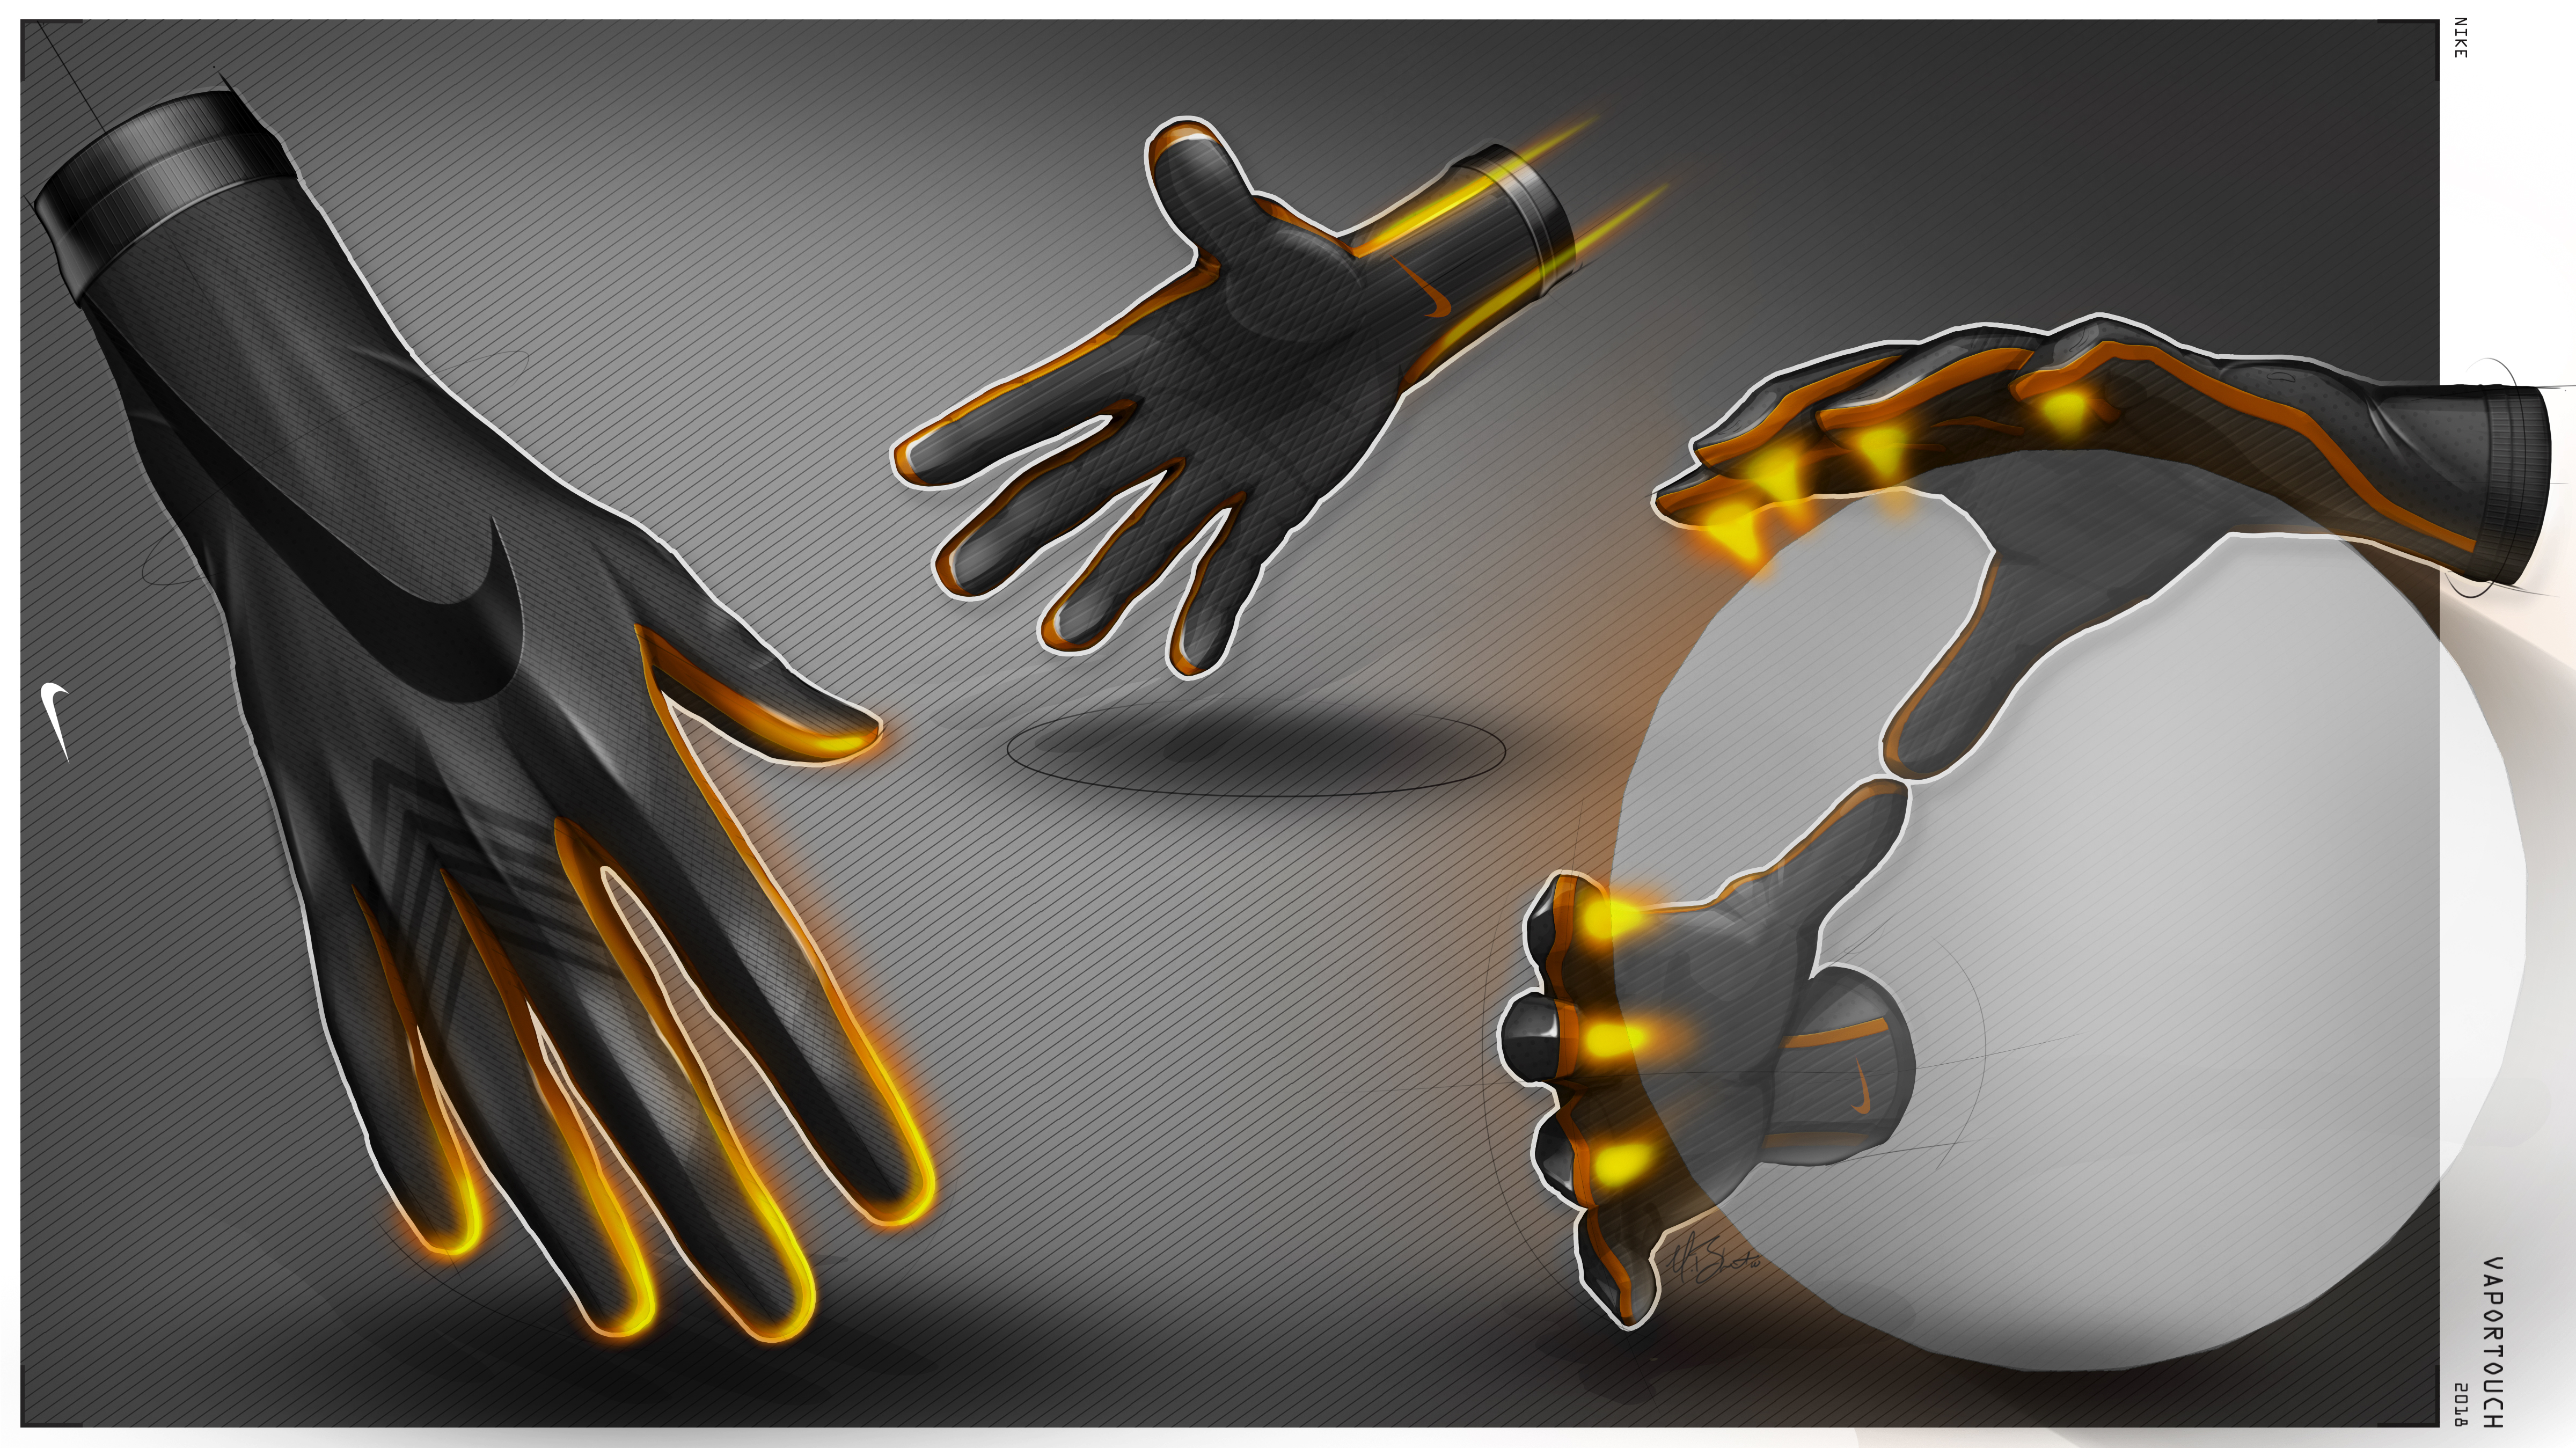 Nike Mercurial Touch Elite Goalkeeper Glove - Nike News